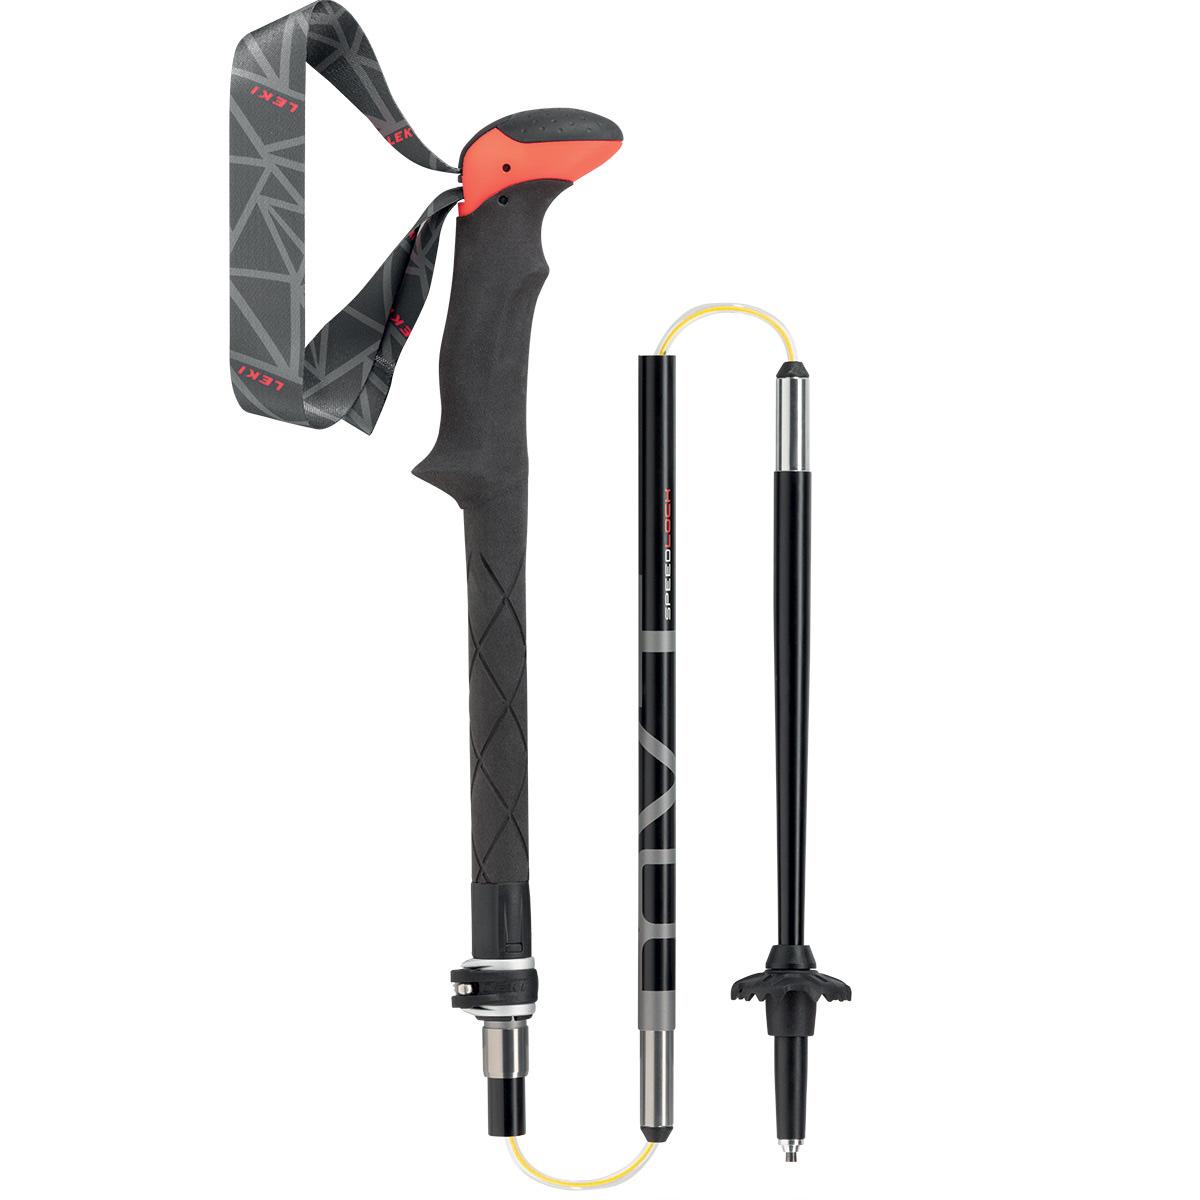 Bâtons de randonnée Micro Vario TA Leki - 110/130cm